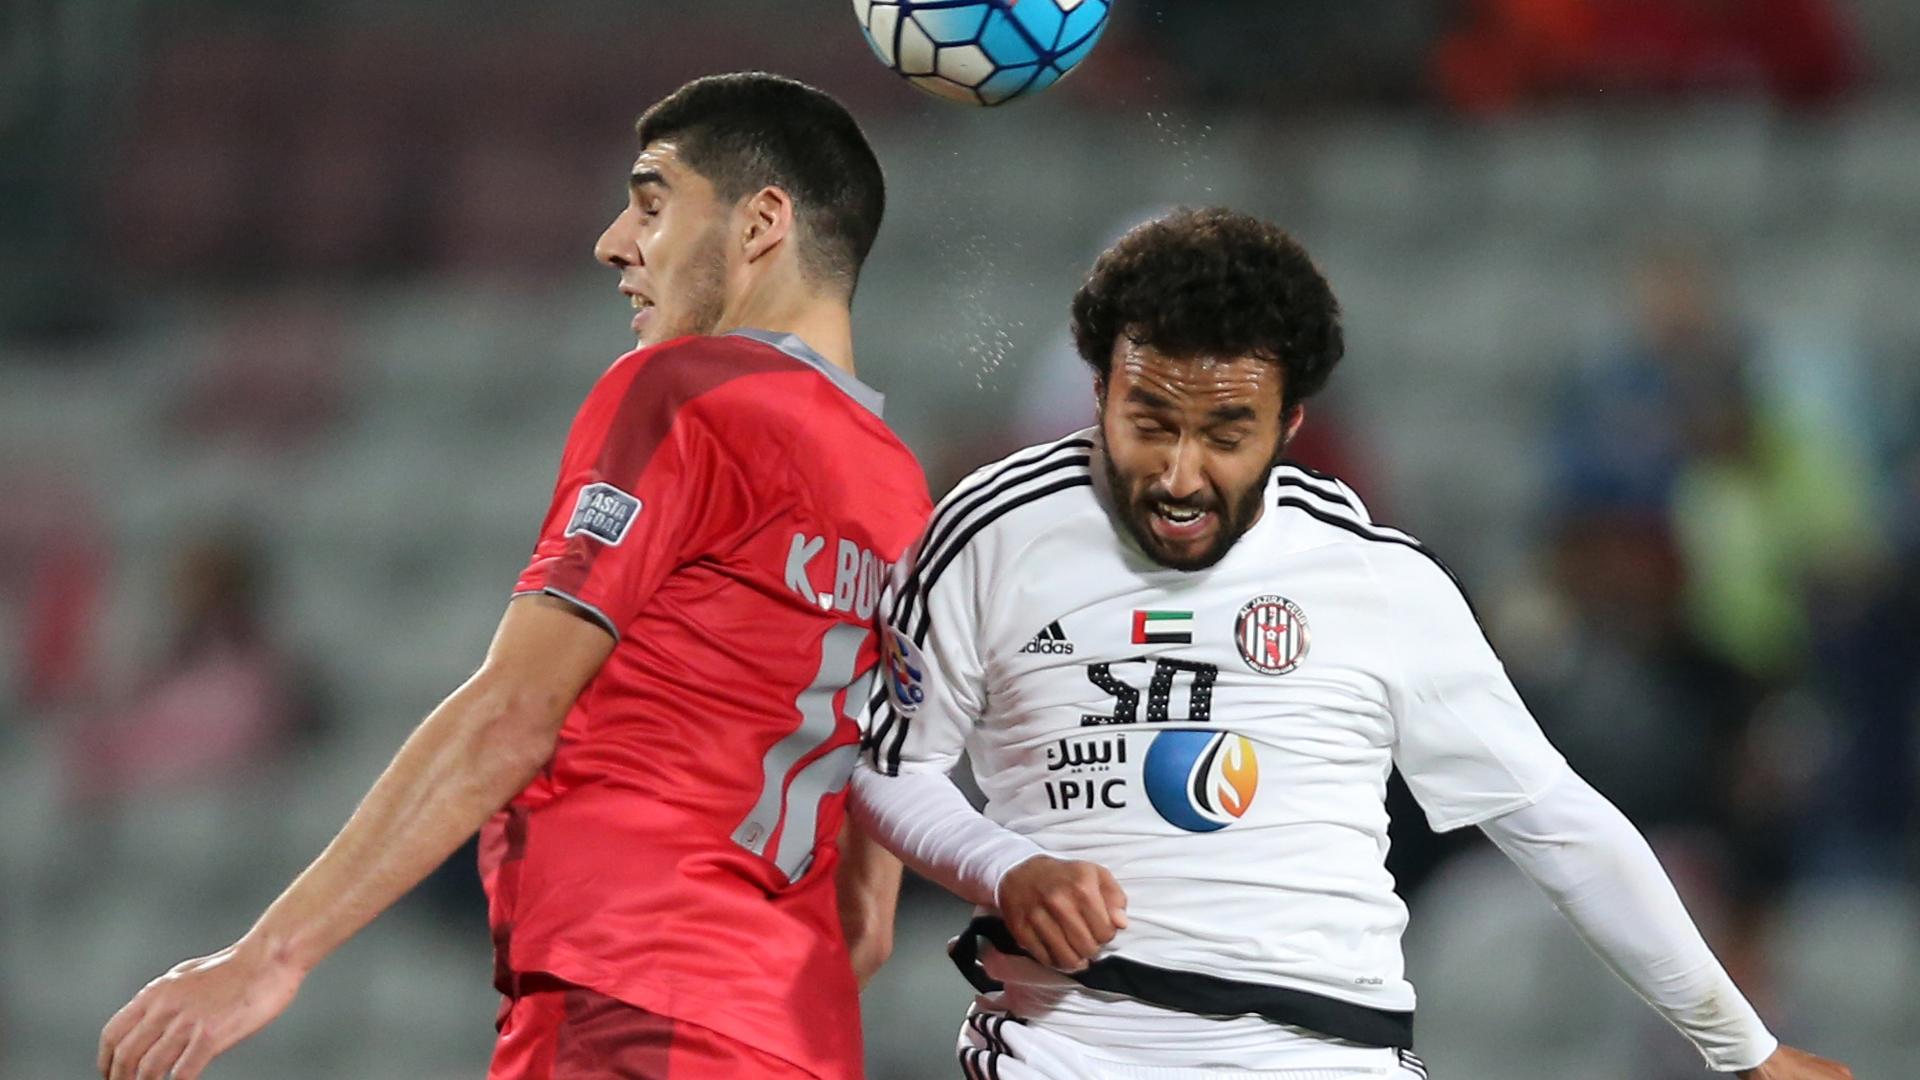 Lekhwiya Al-Jazira AFC Champions League 2017